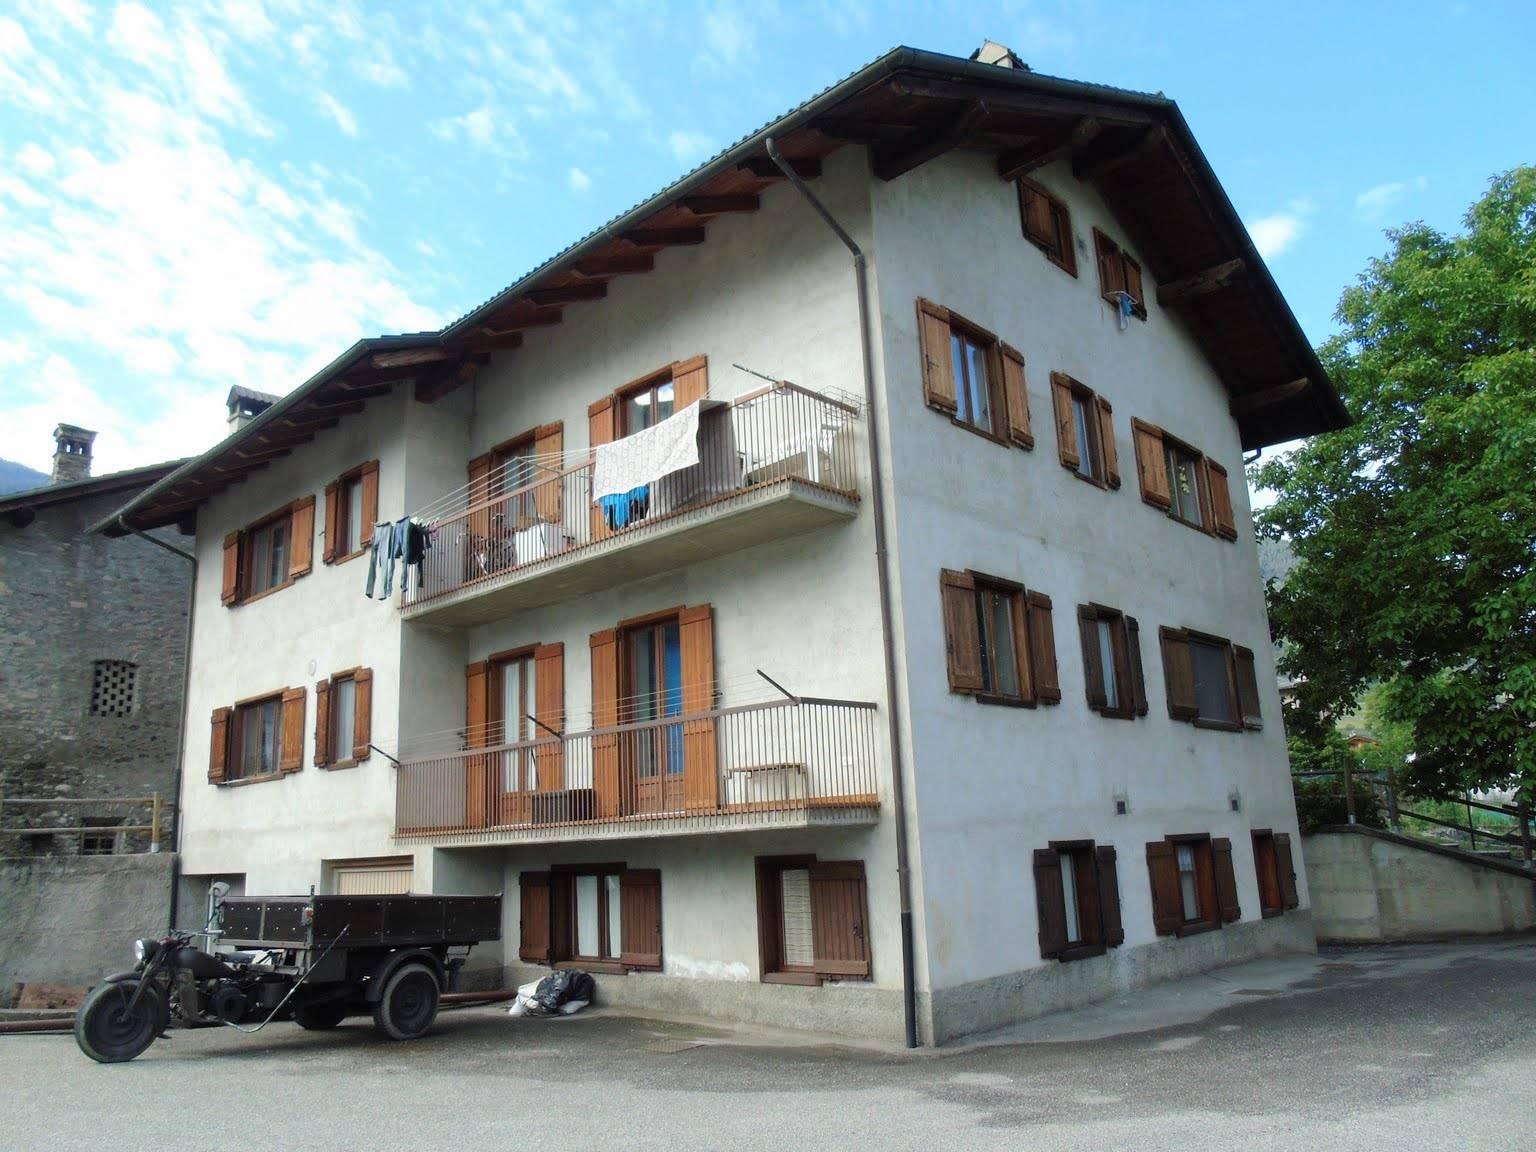 Appartamento in affitto a Gressan, 1 locali, prezzo € 340 | CambioCasa.it